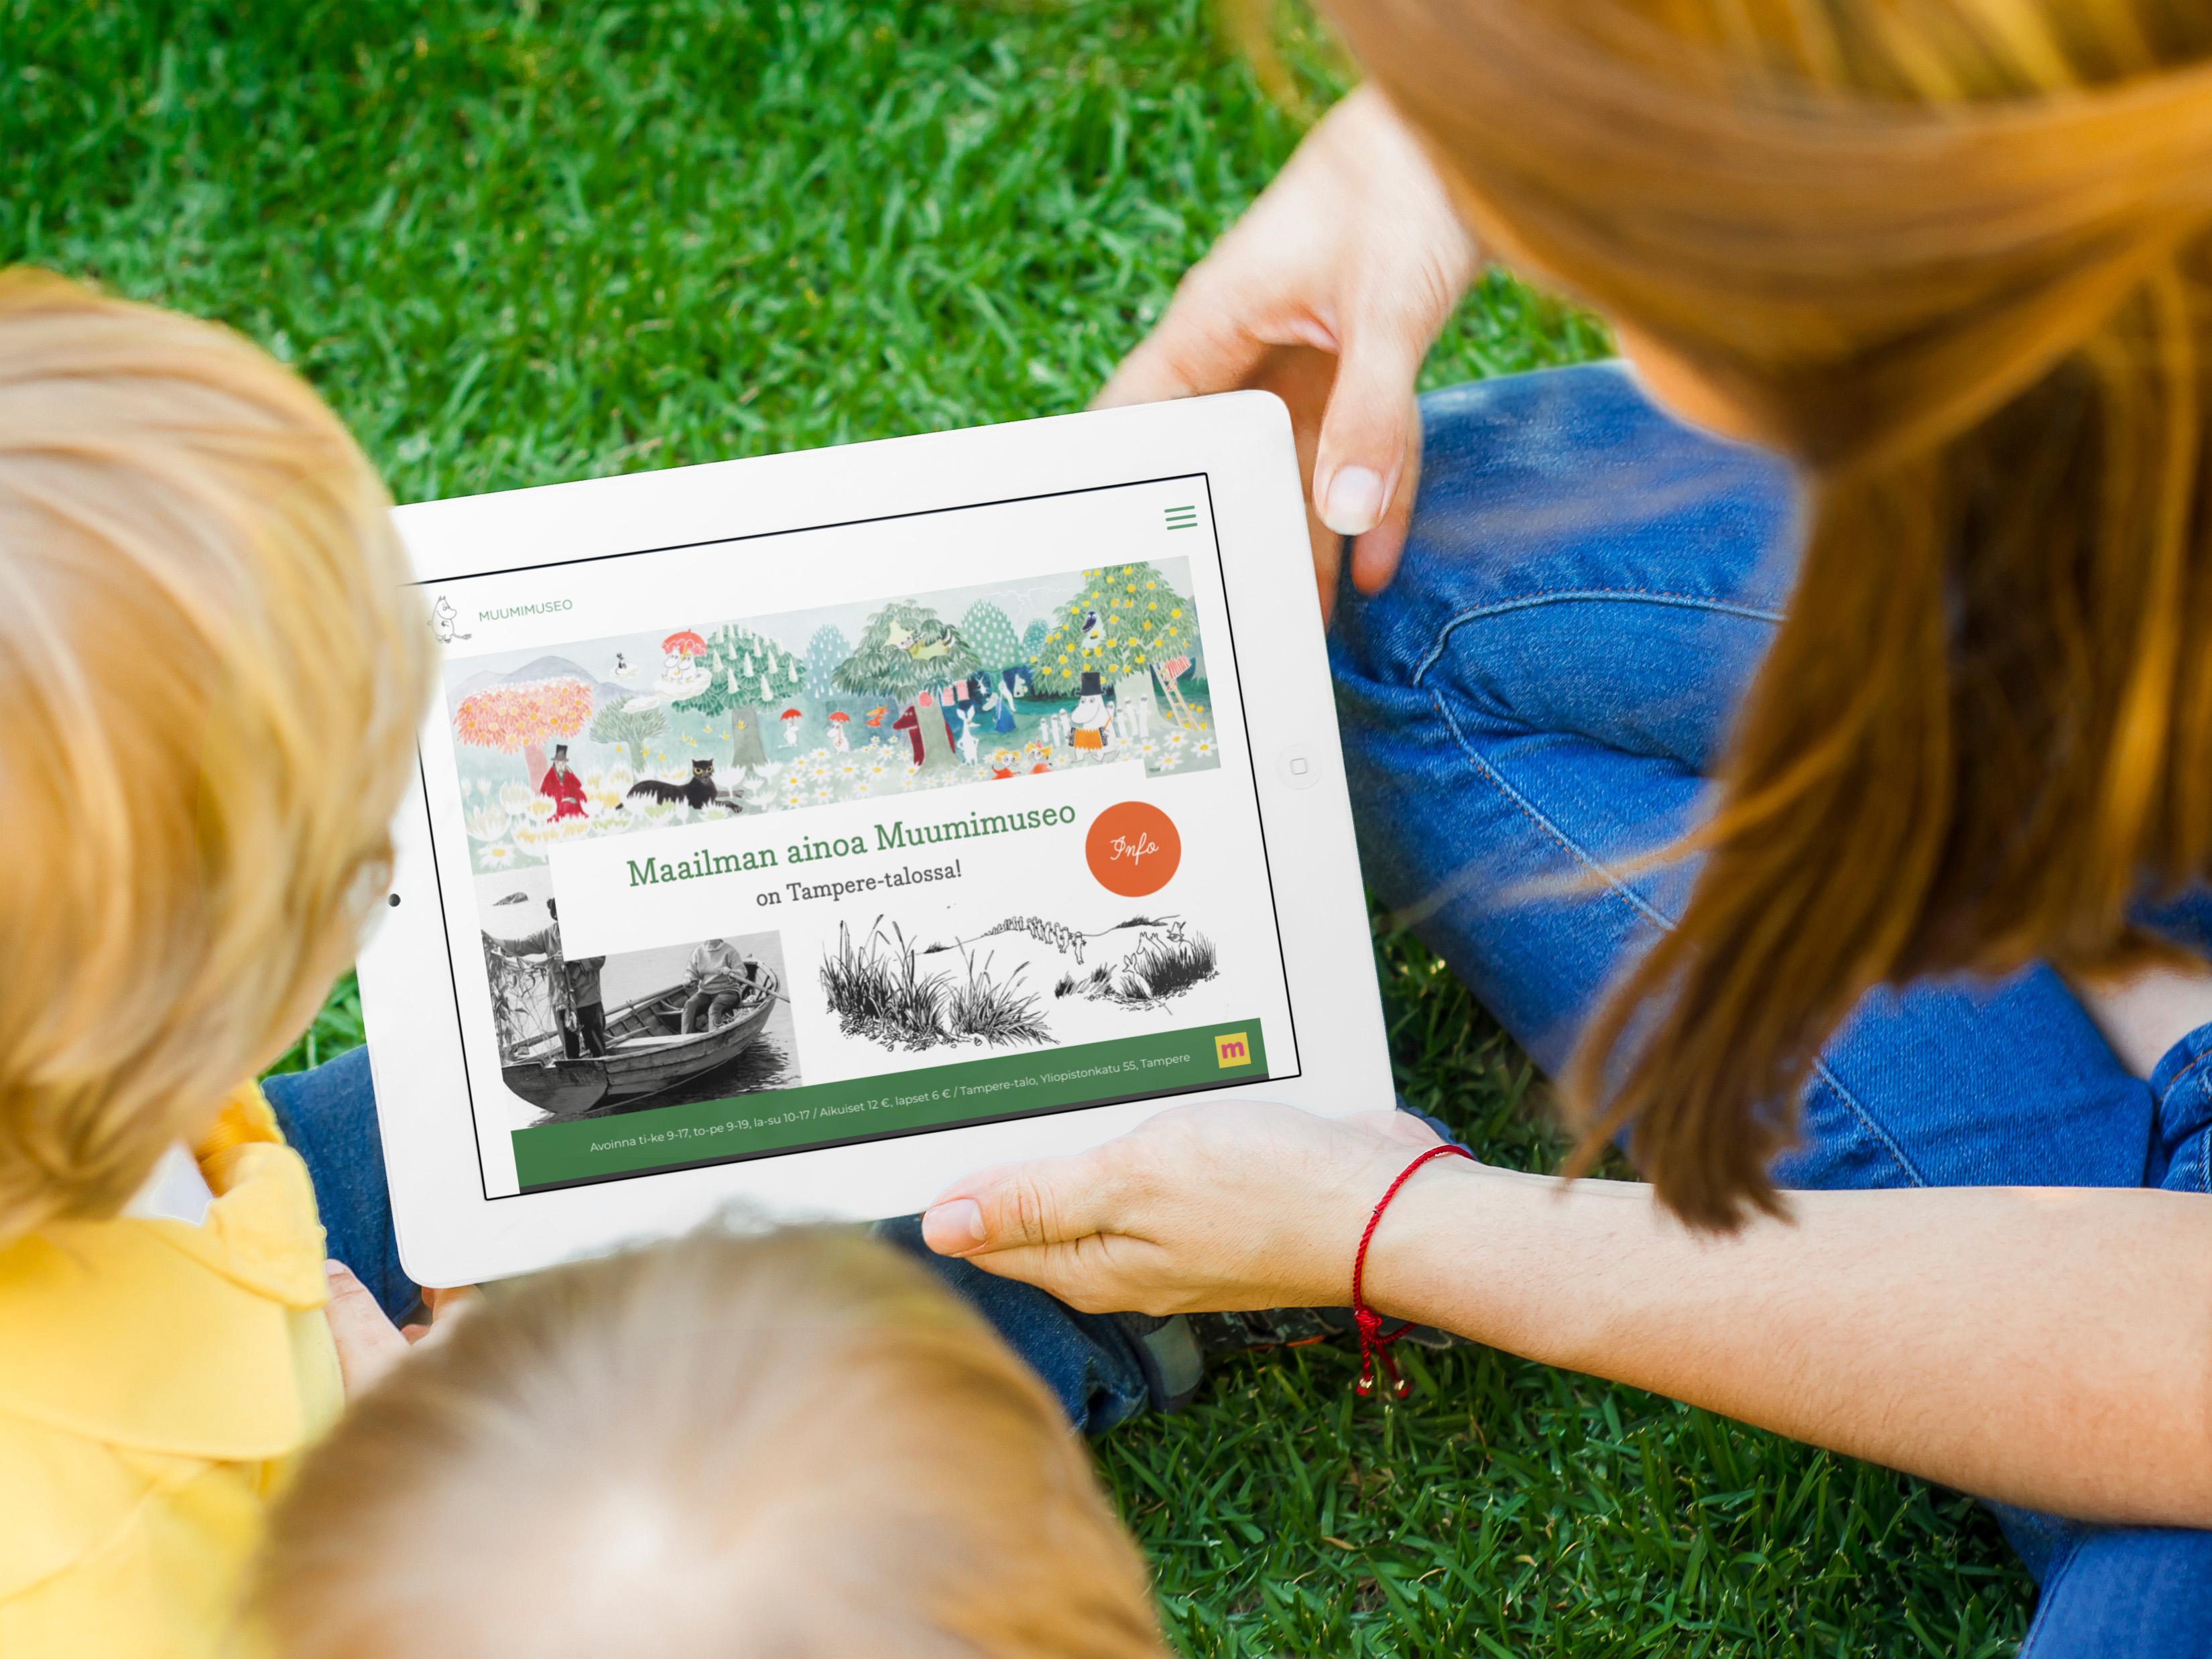 Kolme ihmista katselee muumimuseo.fi etusivua iPadilla.